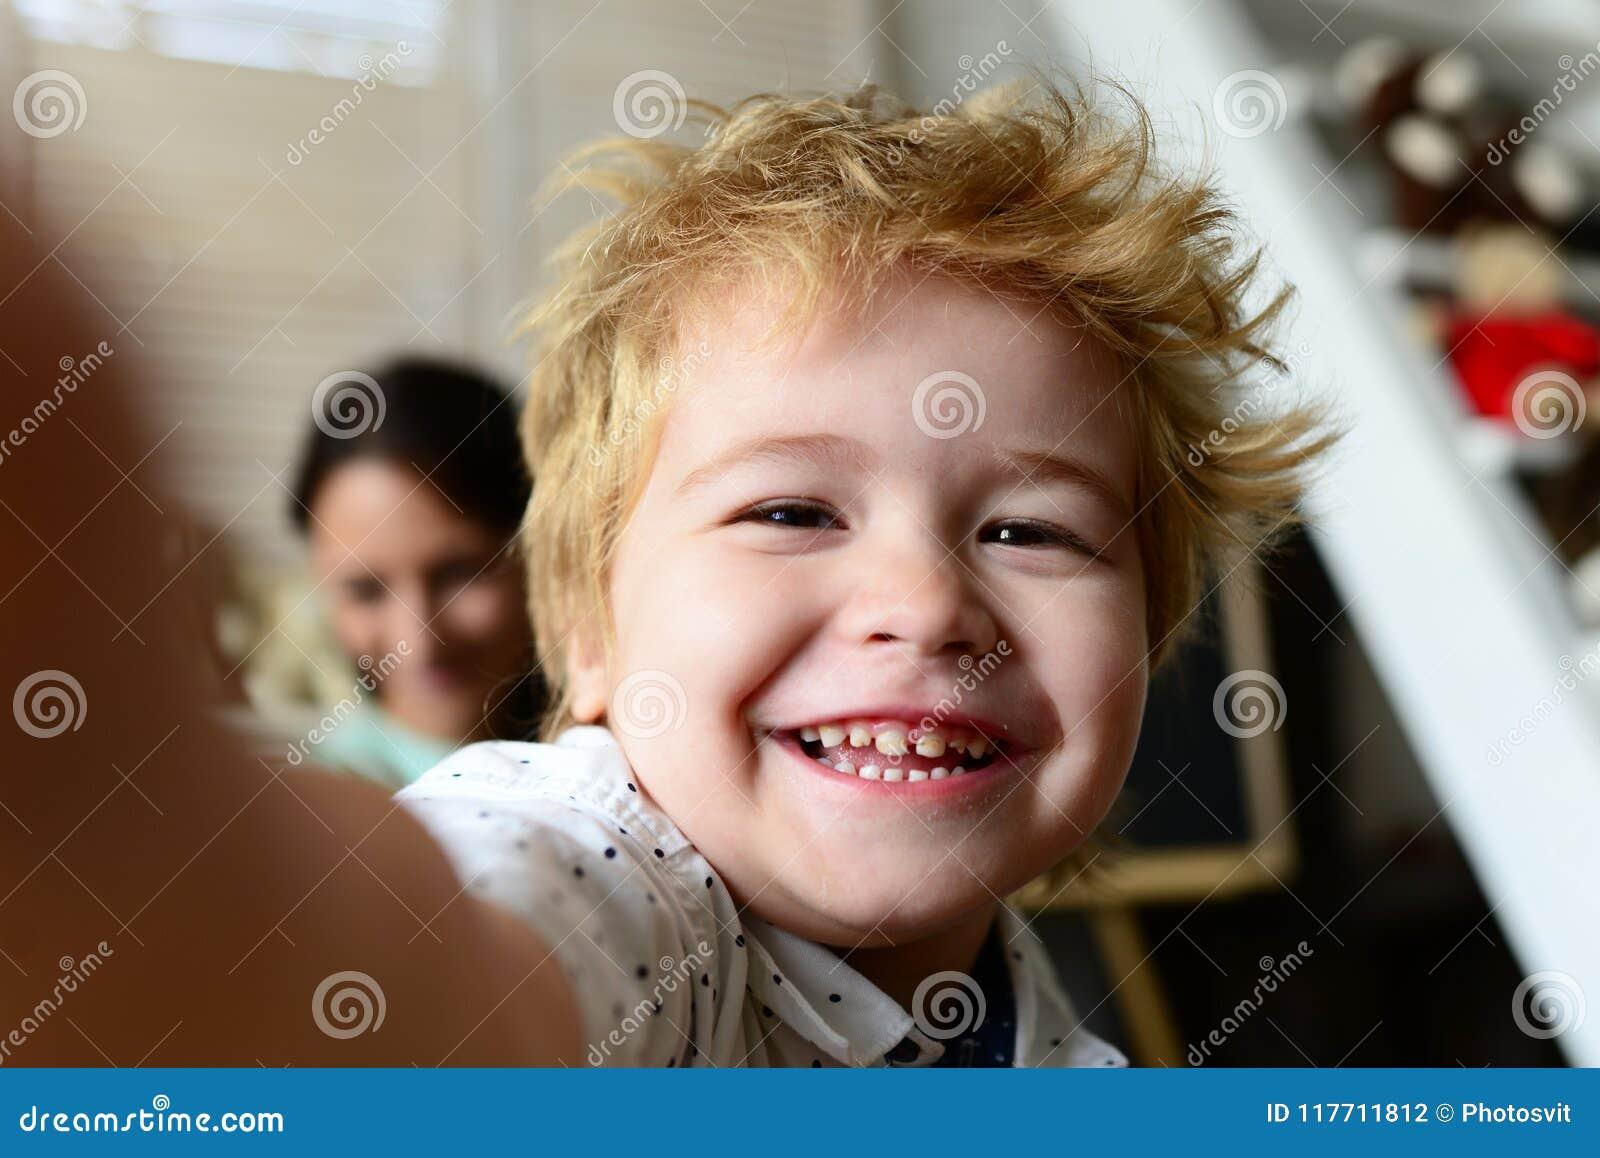 Мальчик тратит время потехи в игровой Ребенок с жизнерадостной стороной